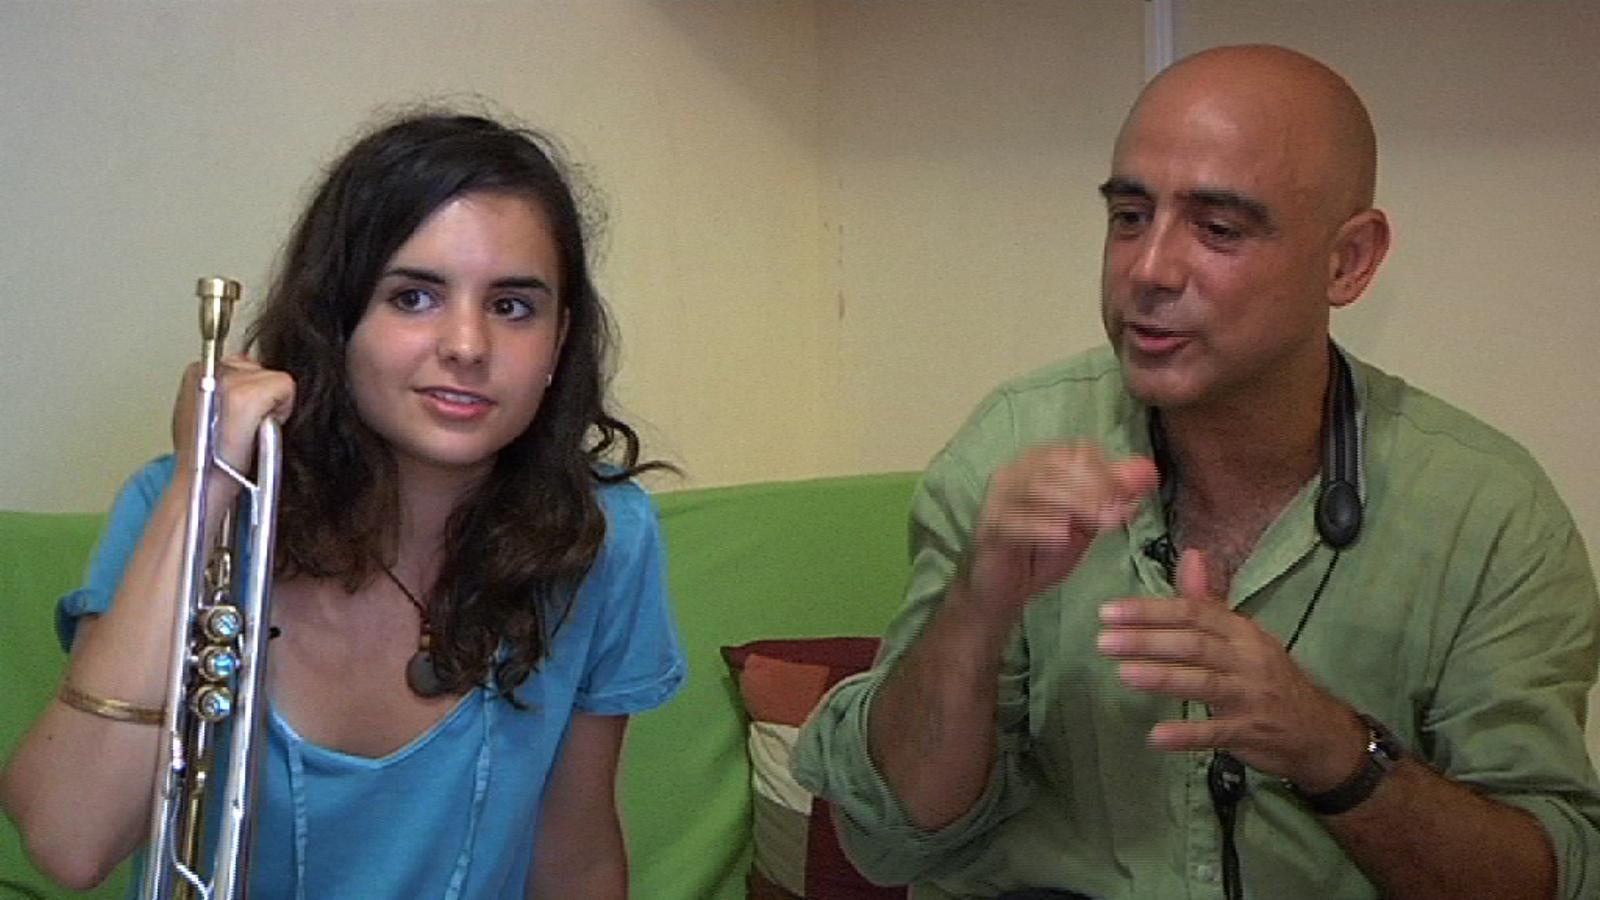 Andrea Motis: Els meus pares saben que estic bé perquè viuen el meu dia a dia amb mi